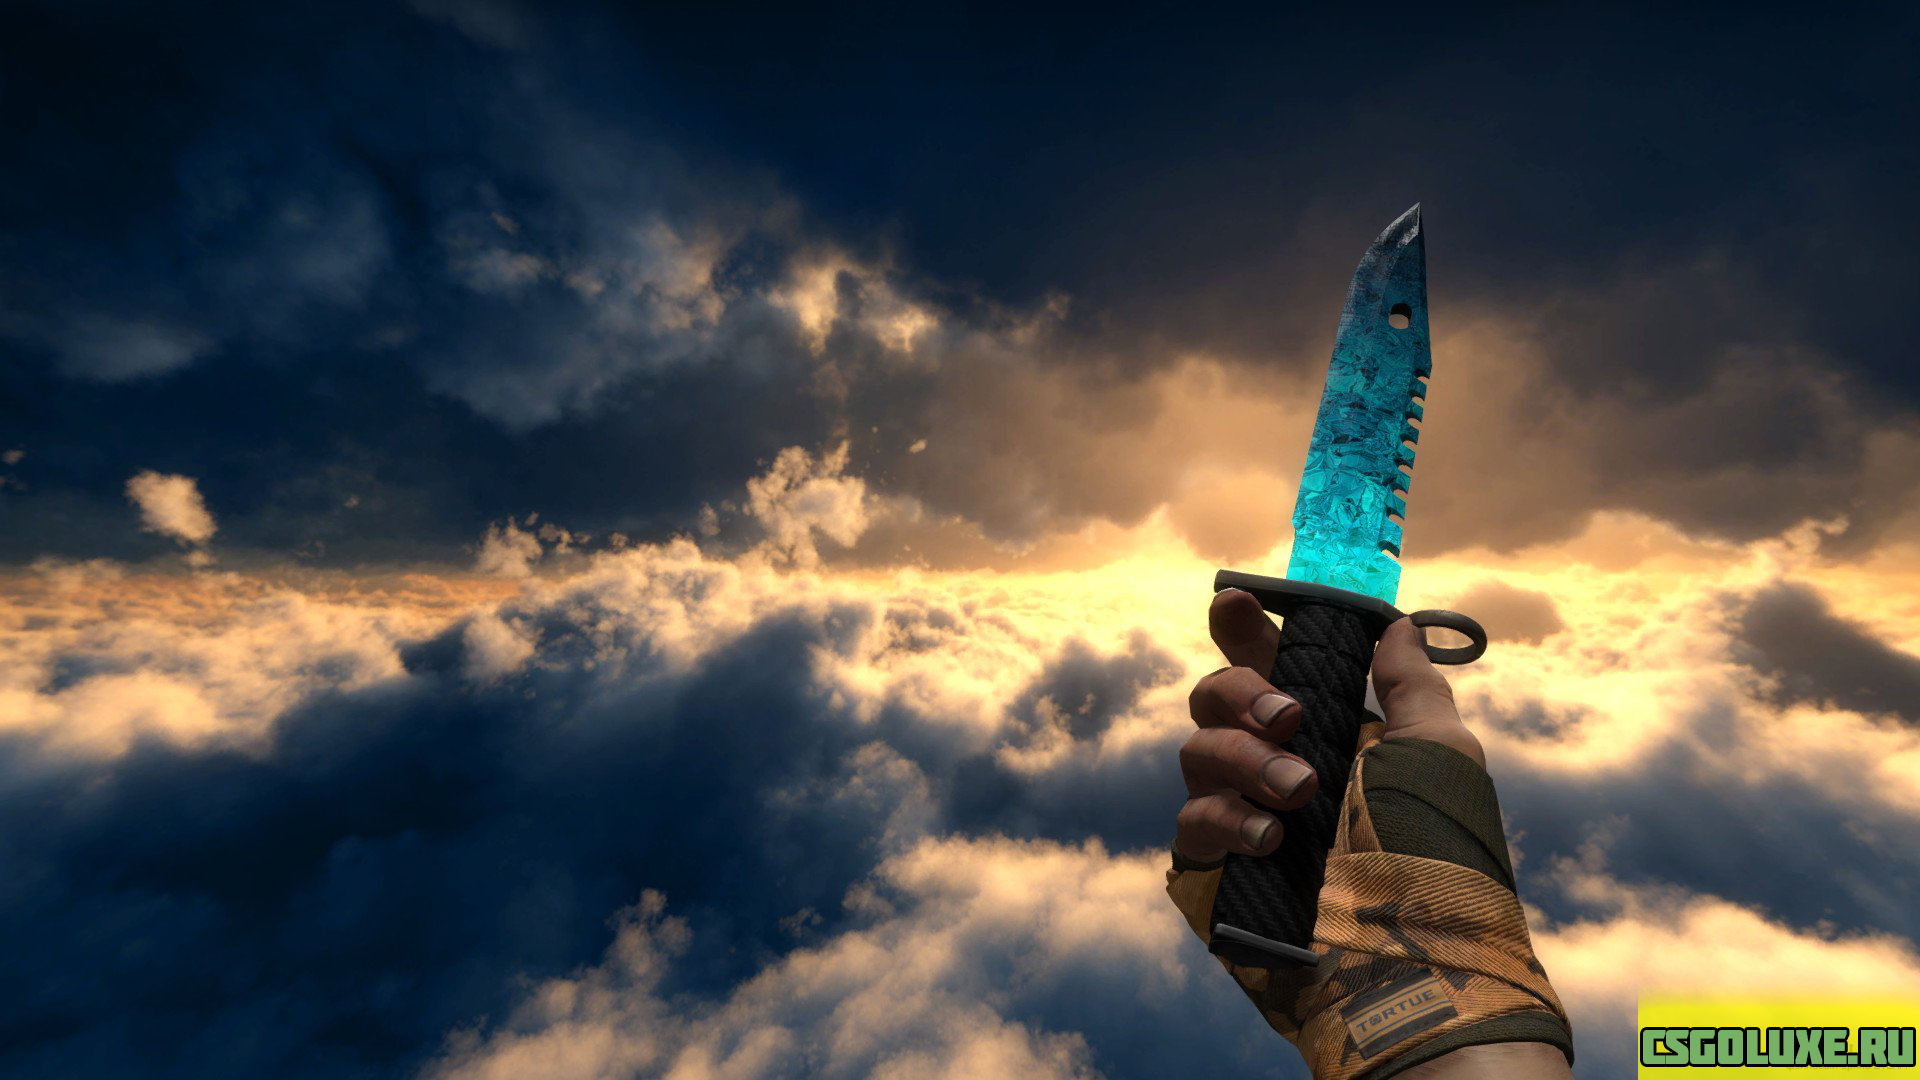 Модель ножа M9 Bayonet